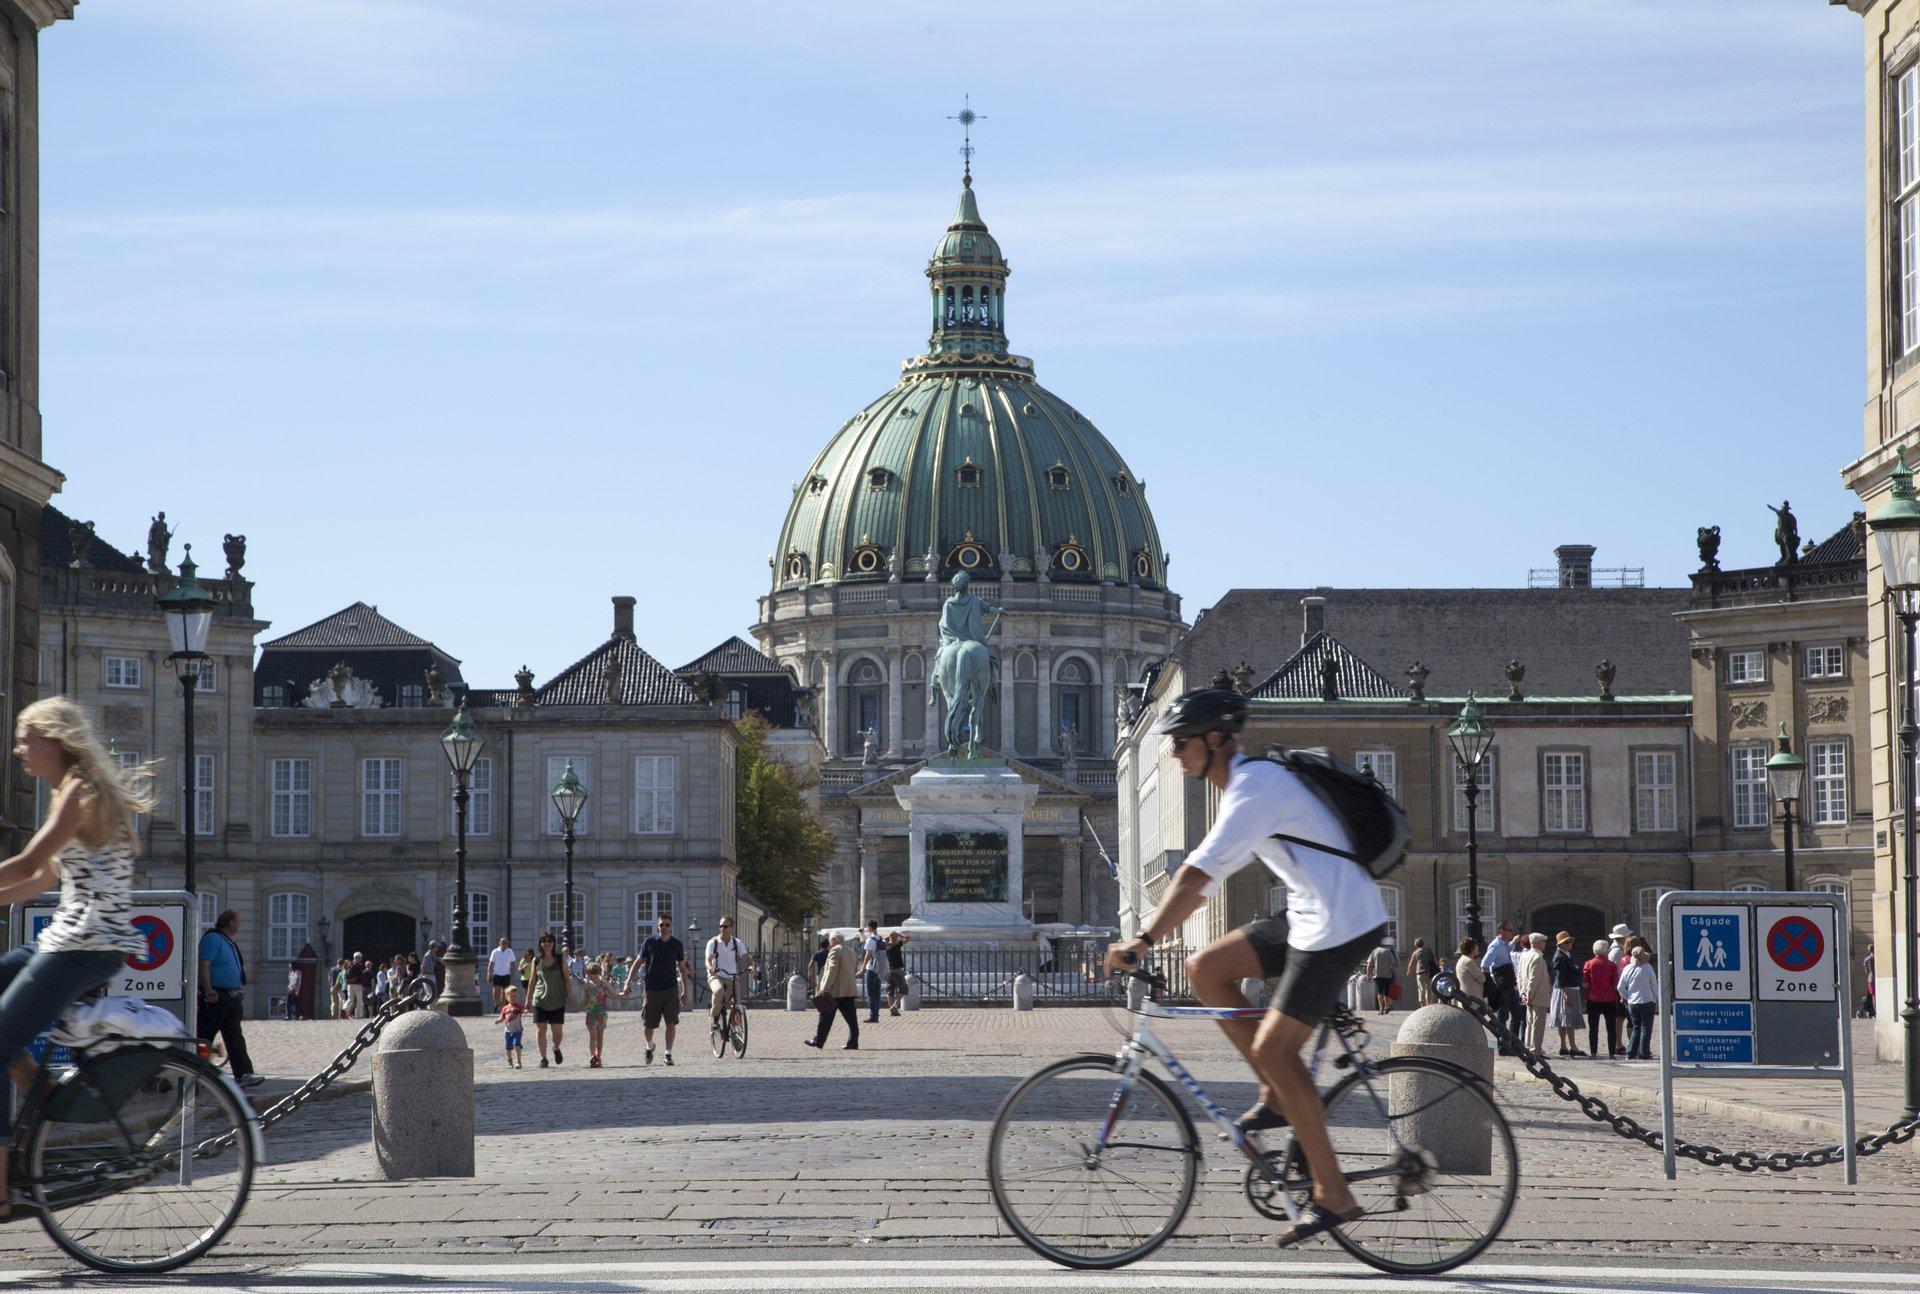 Dansk turisme er i vækst, der kommer flere turister og de bruger flere penge – det giver blandt andet nye arbejdspladser. Arkivfoto fra VisitDenmark, Kim Wyon.